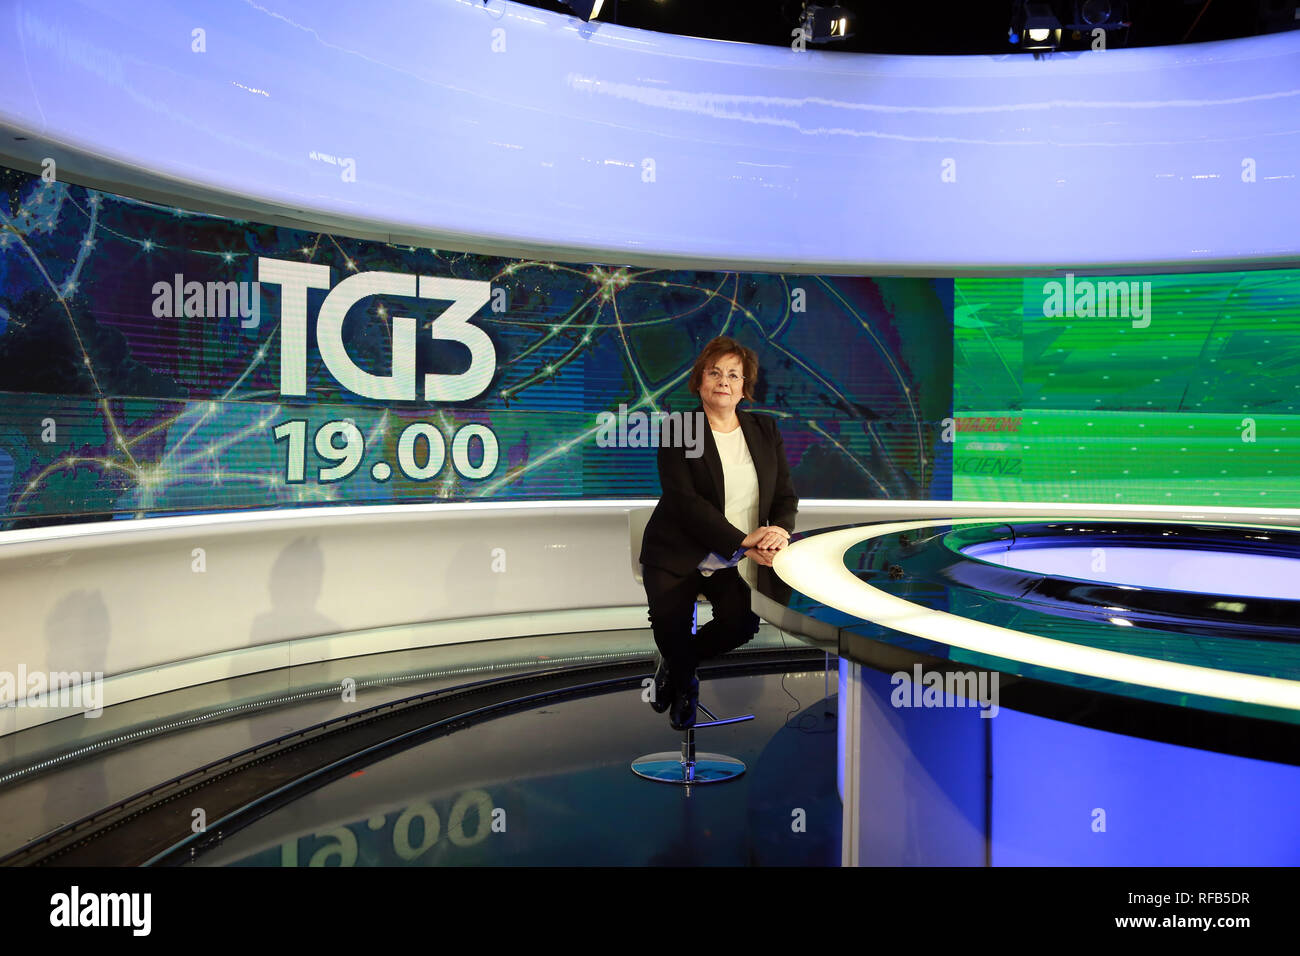 Immagine di sfondo del tg3